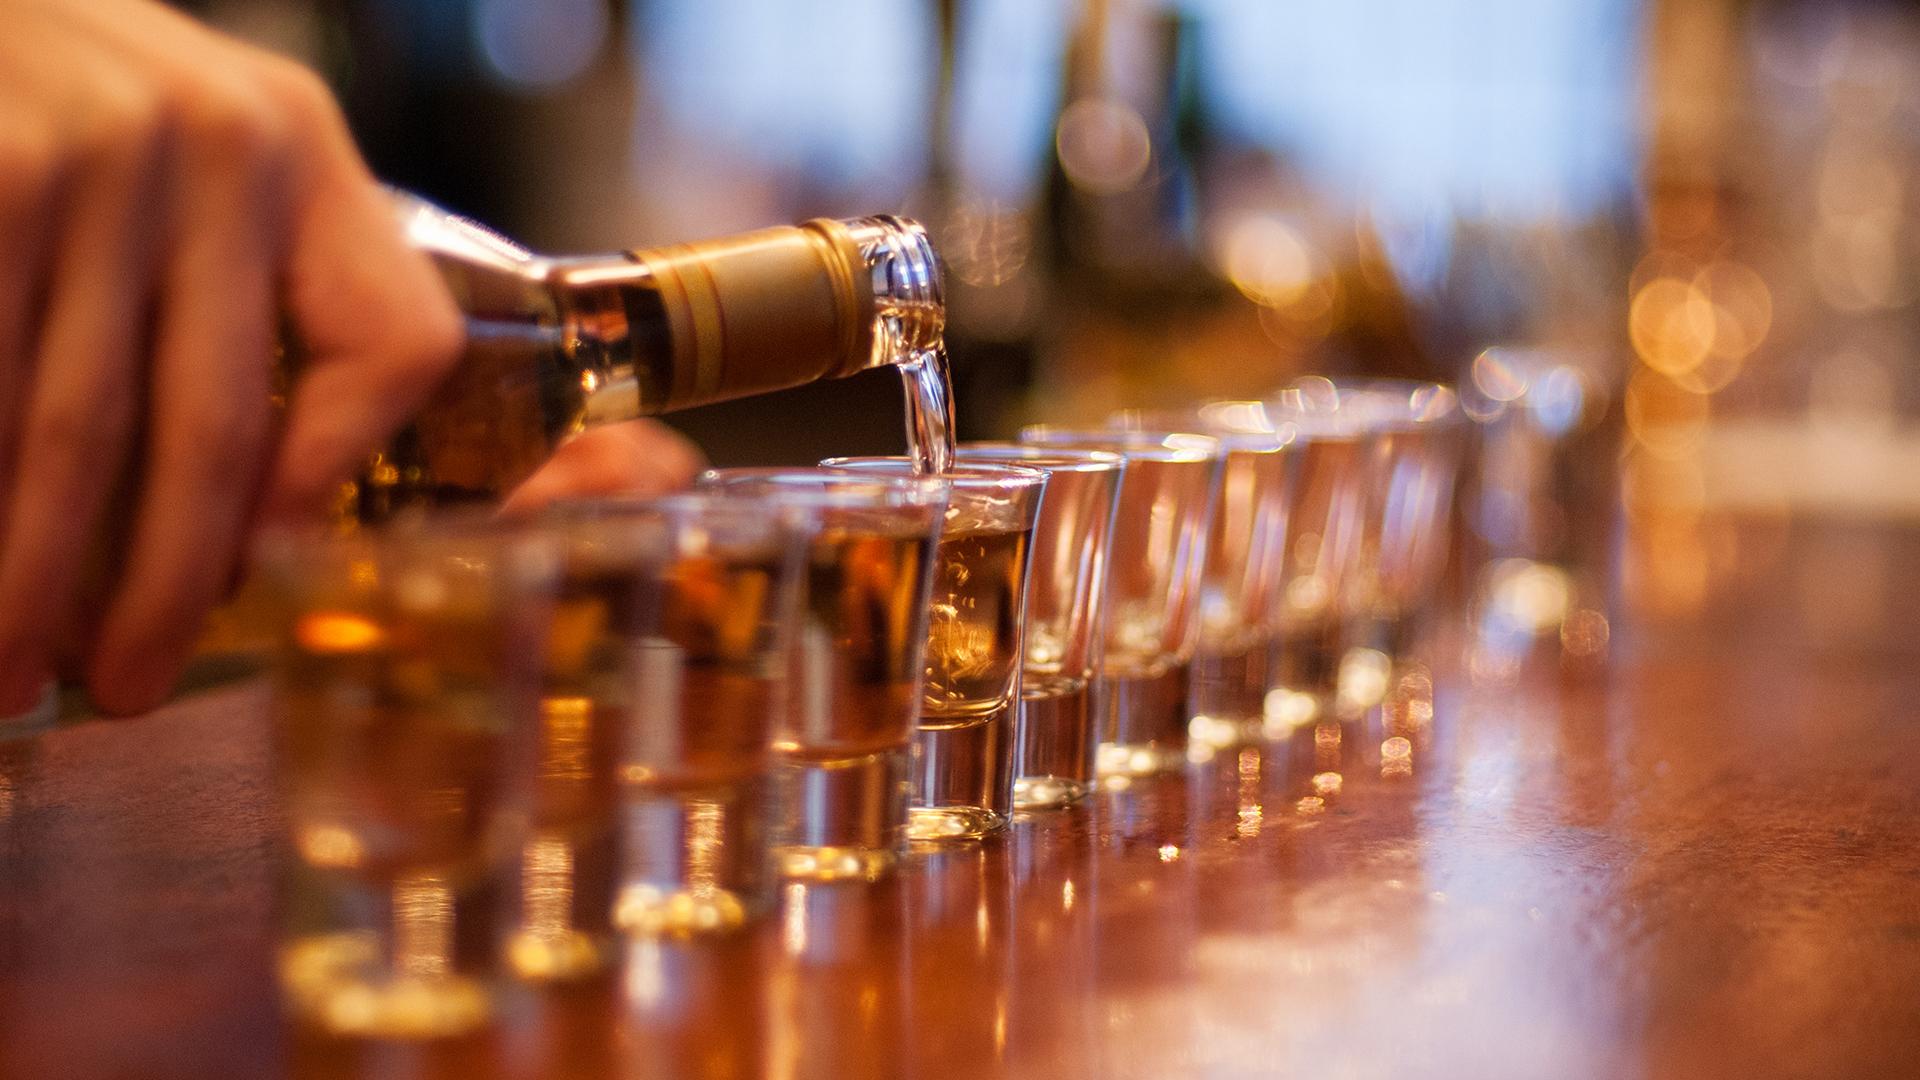 Görögországban lefoglalt alkoholból gyártanak fertőtlenítőt